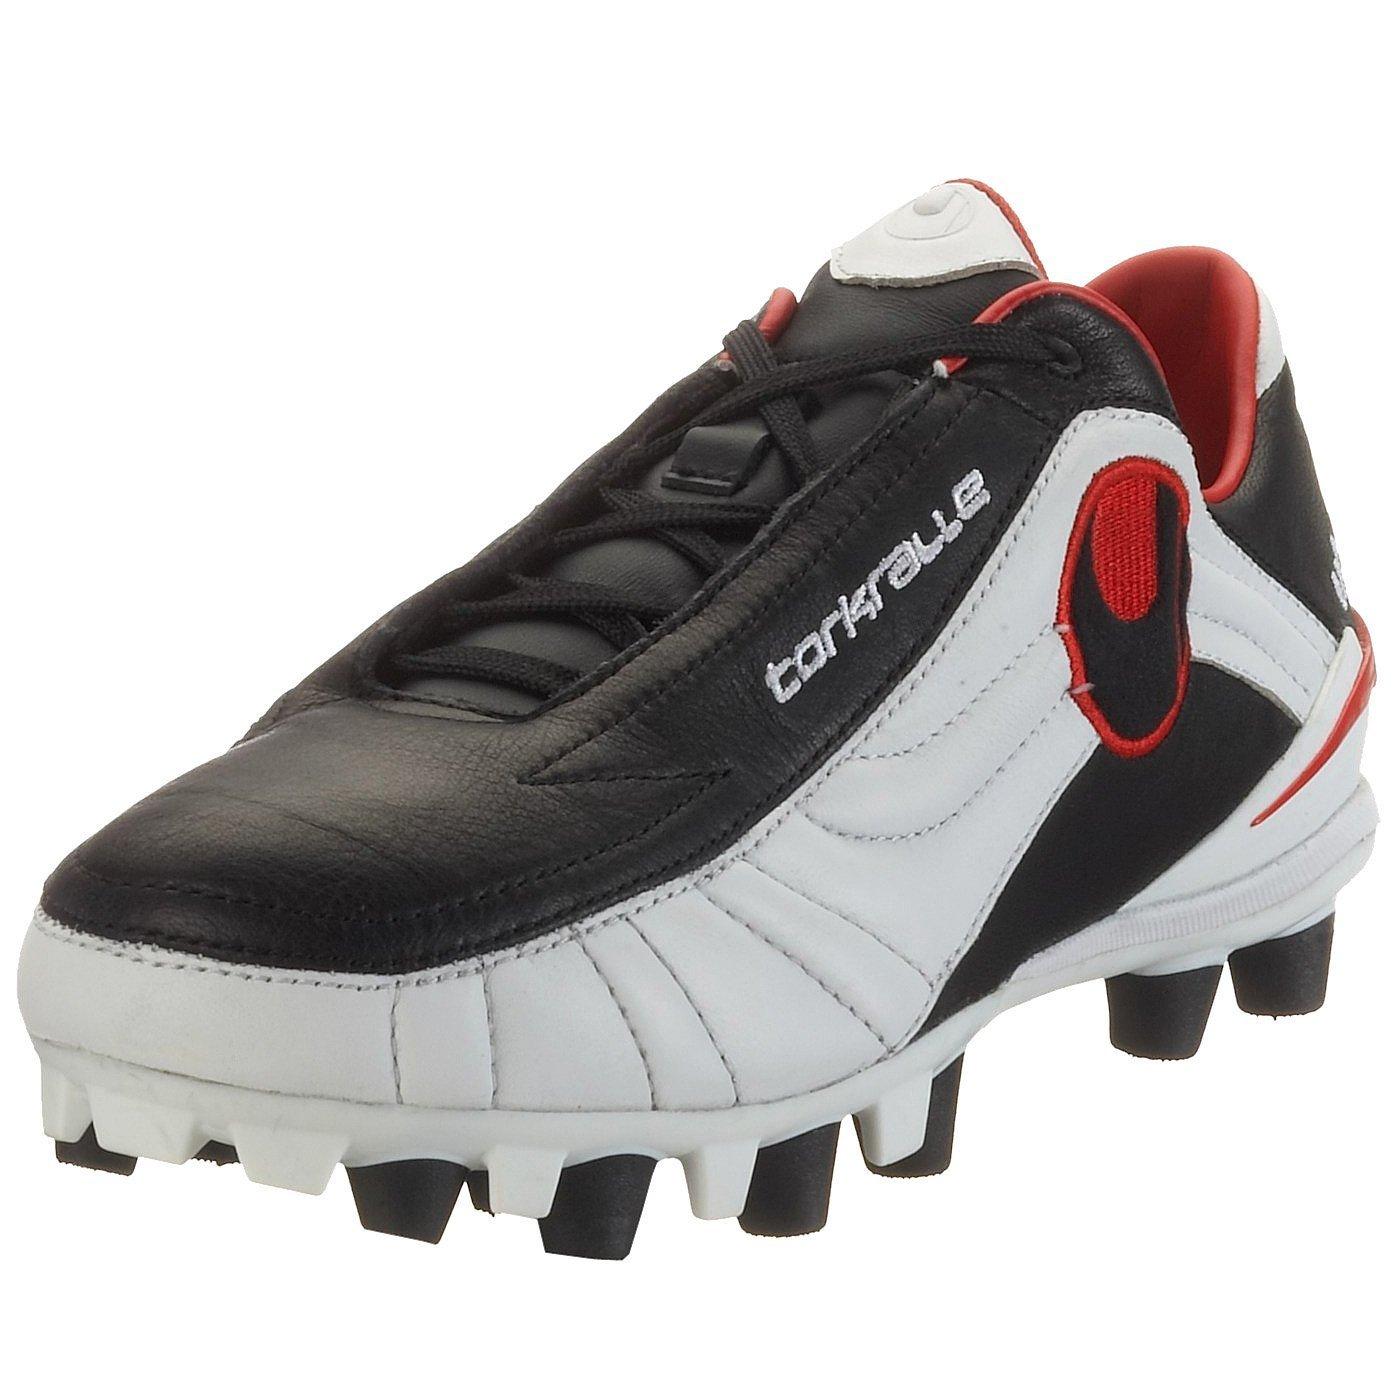 Uhlsport Torkralle MD 100820101, Unisex - Erwachsene Sportschuhe - Fußball